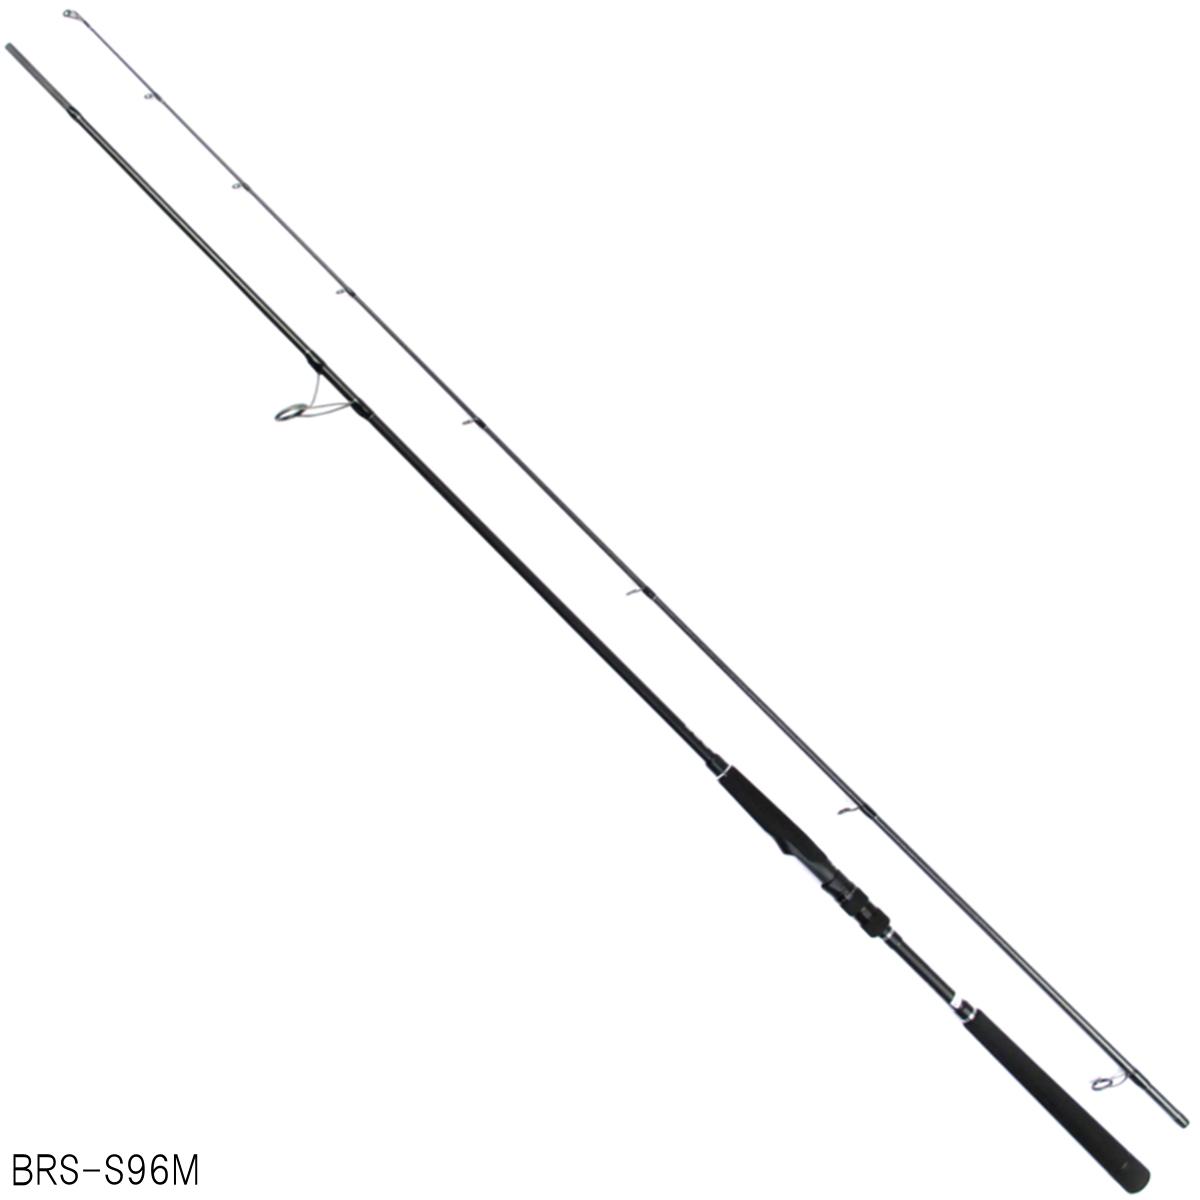 【在庫あり】 BRS ジャッカルジャッカル BRS BRS-S96M, クラスマネージ:17f2d2d3 --- totem-info.com